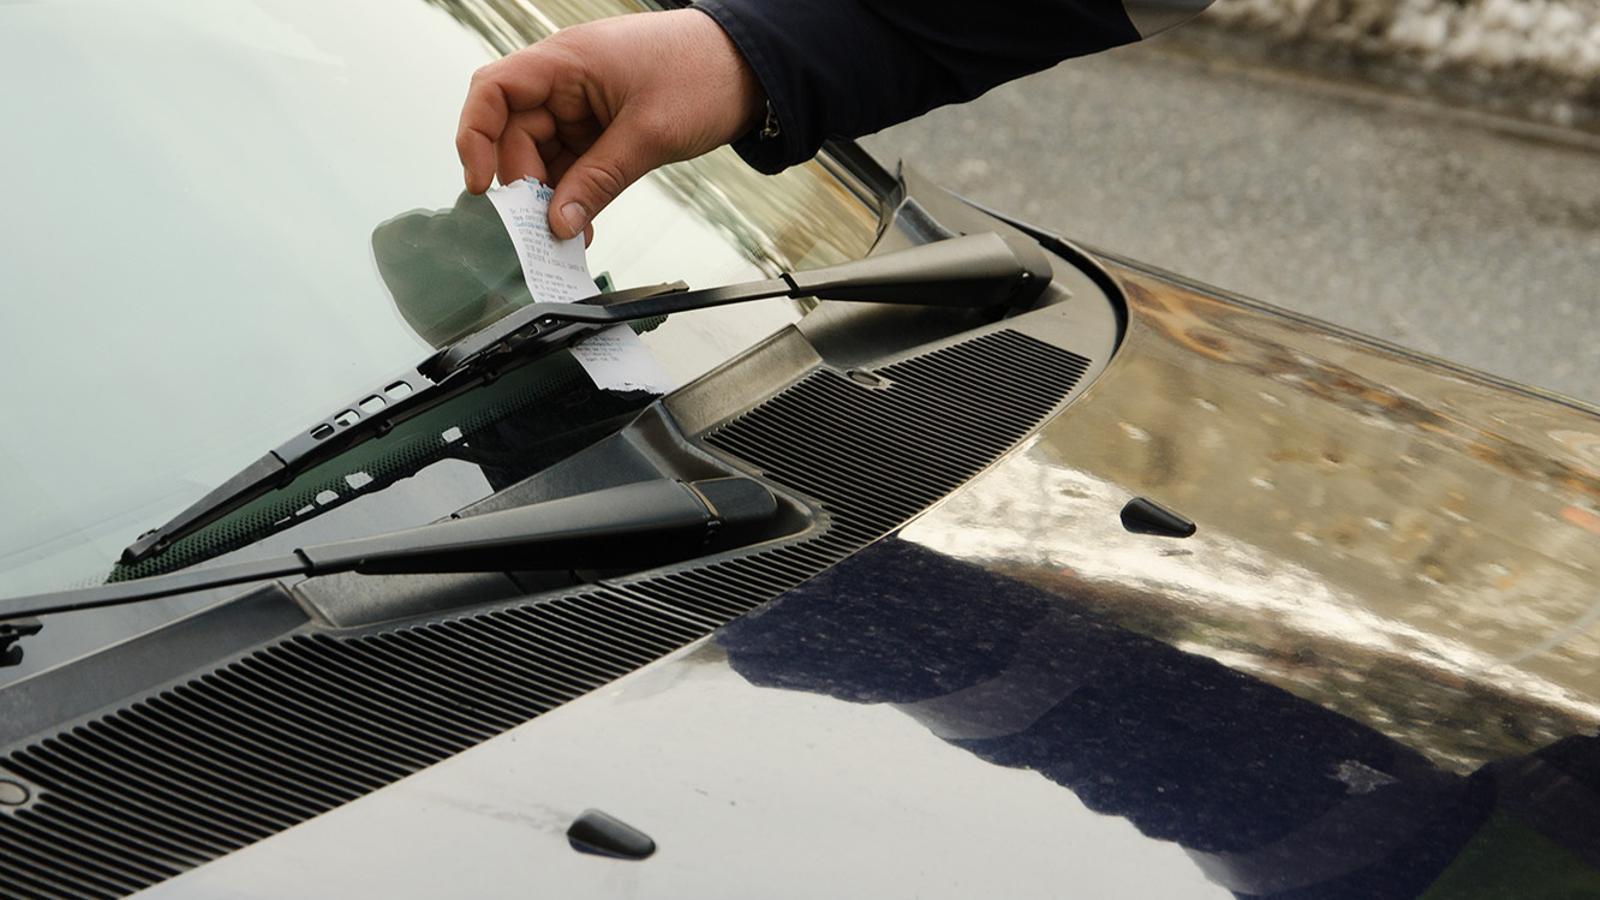 Un agent de circulació sancionant un vehicle. / D. R. (ANA)